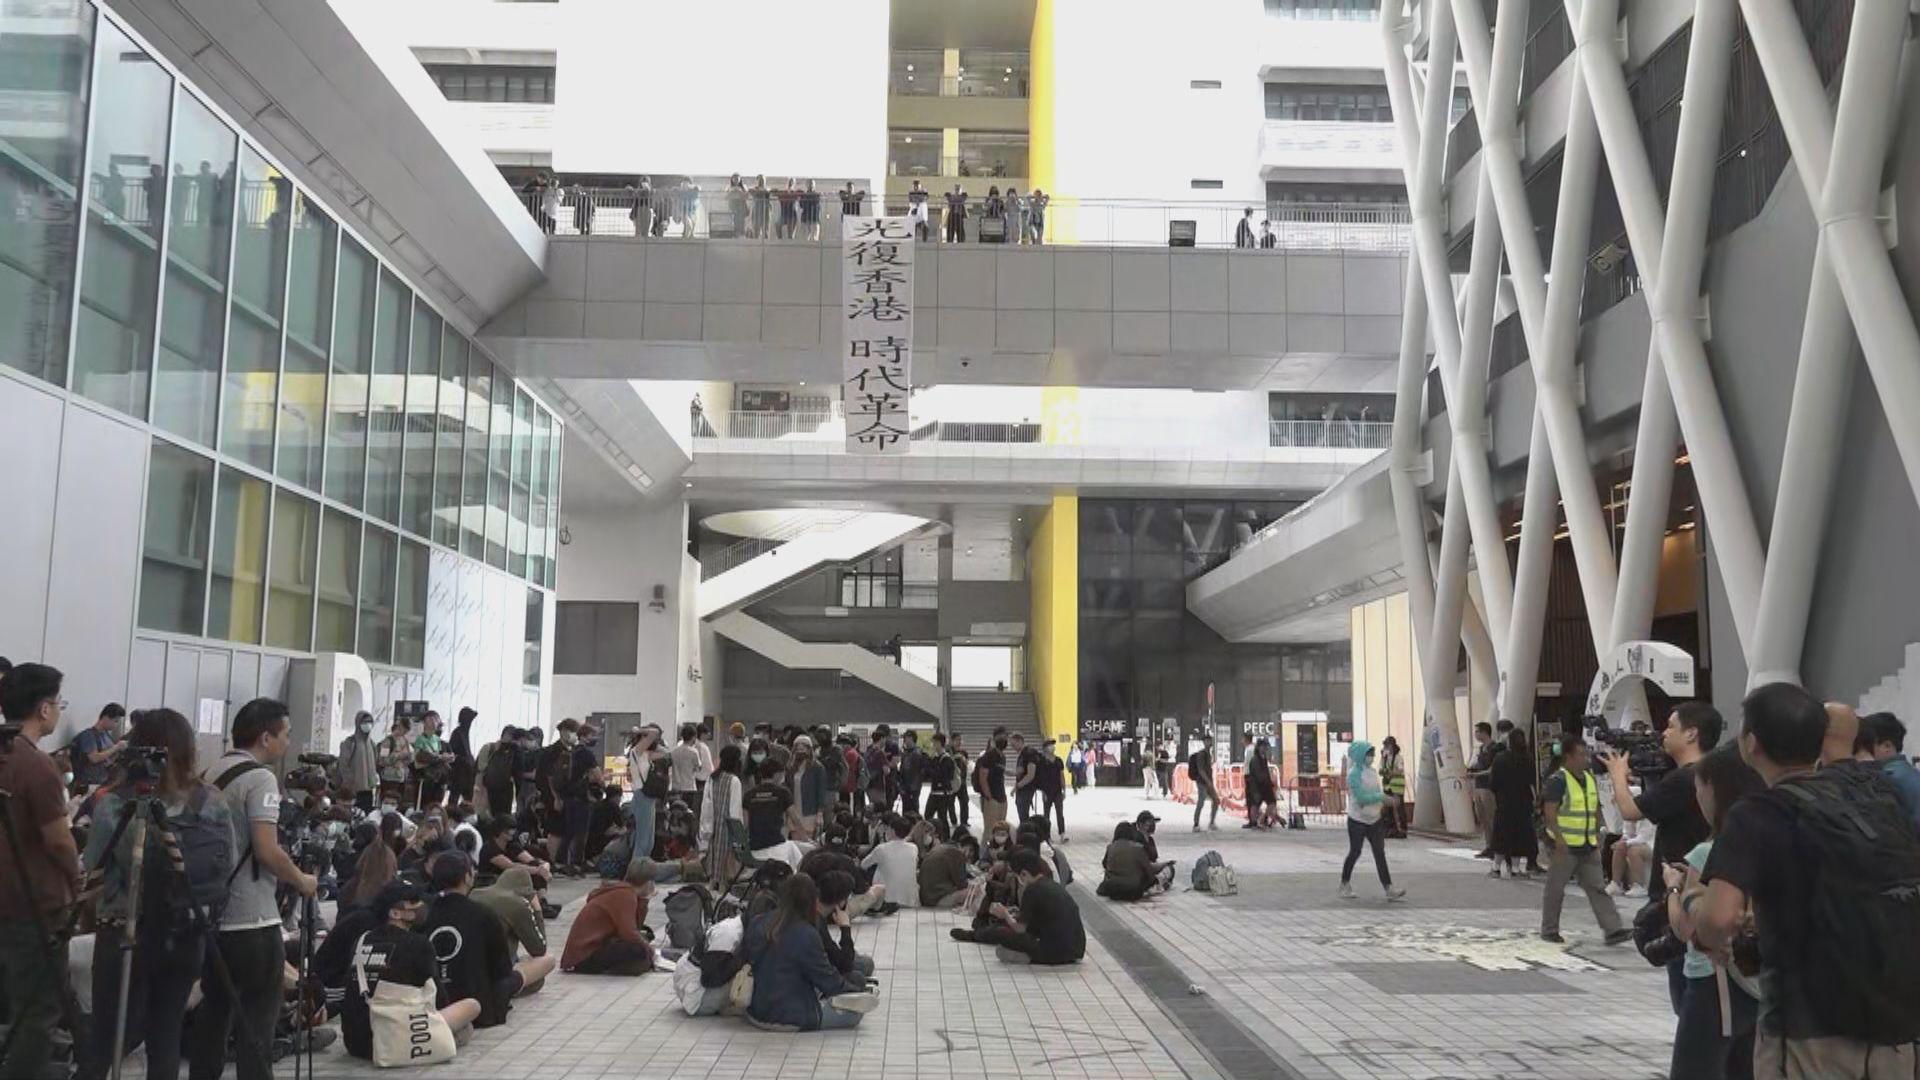 【即日焦點】知專學生不滿校方取消會面破壞設施 防暴警一度持長槍到場;英國《太陽報》不同地區採相反立場報道脫歐